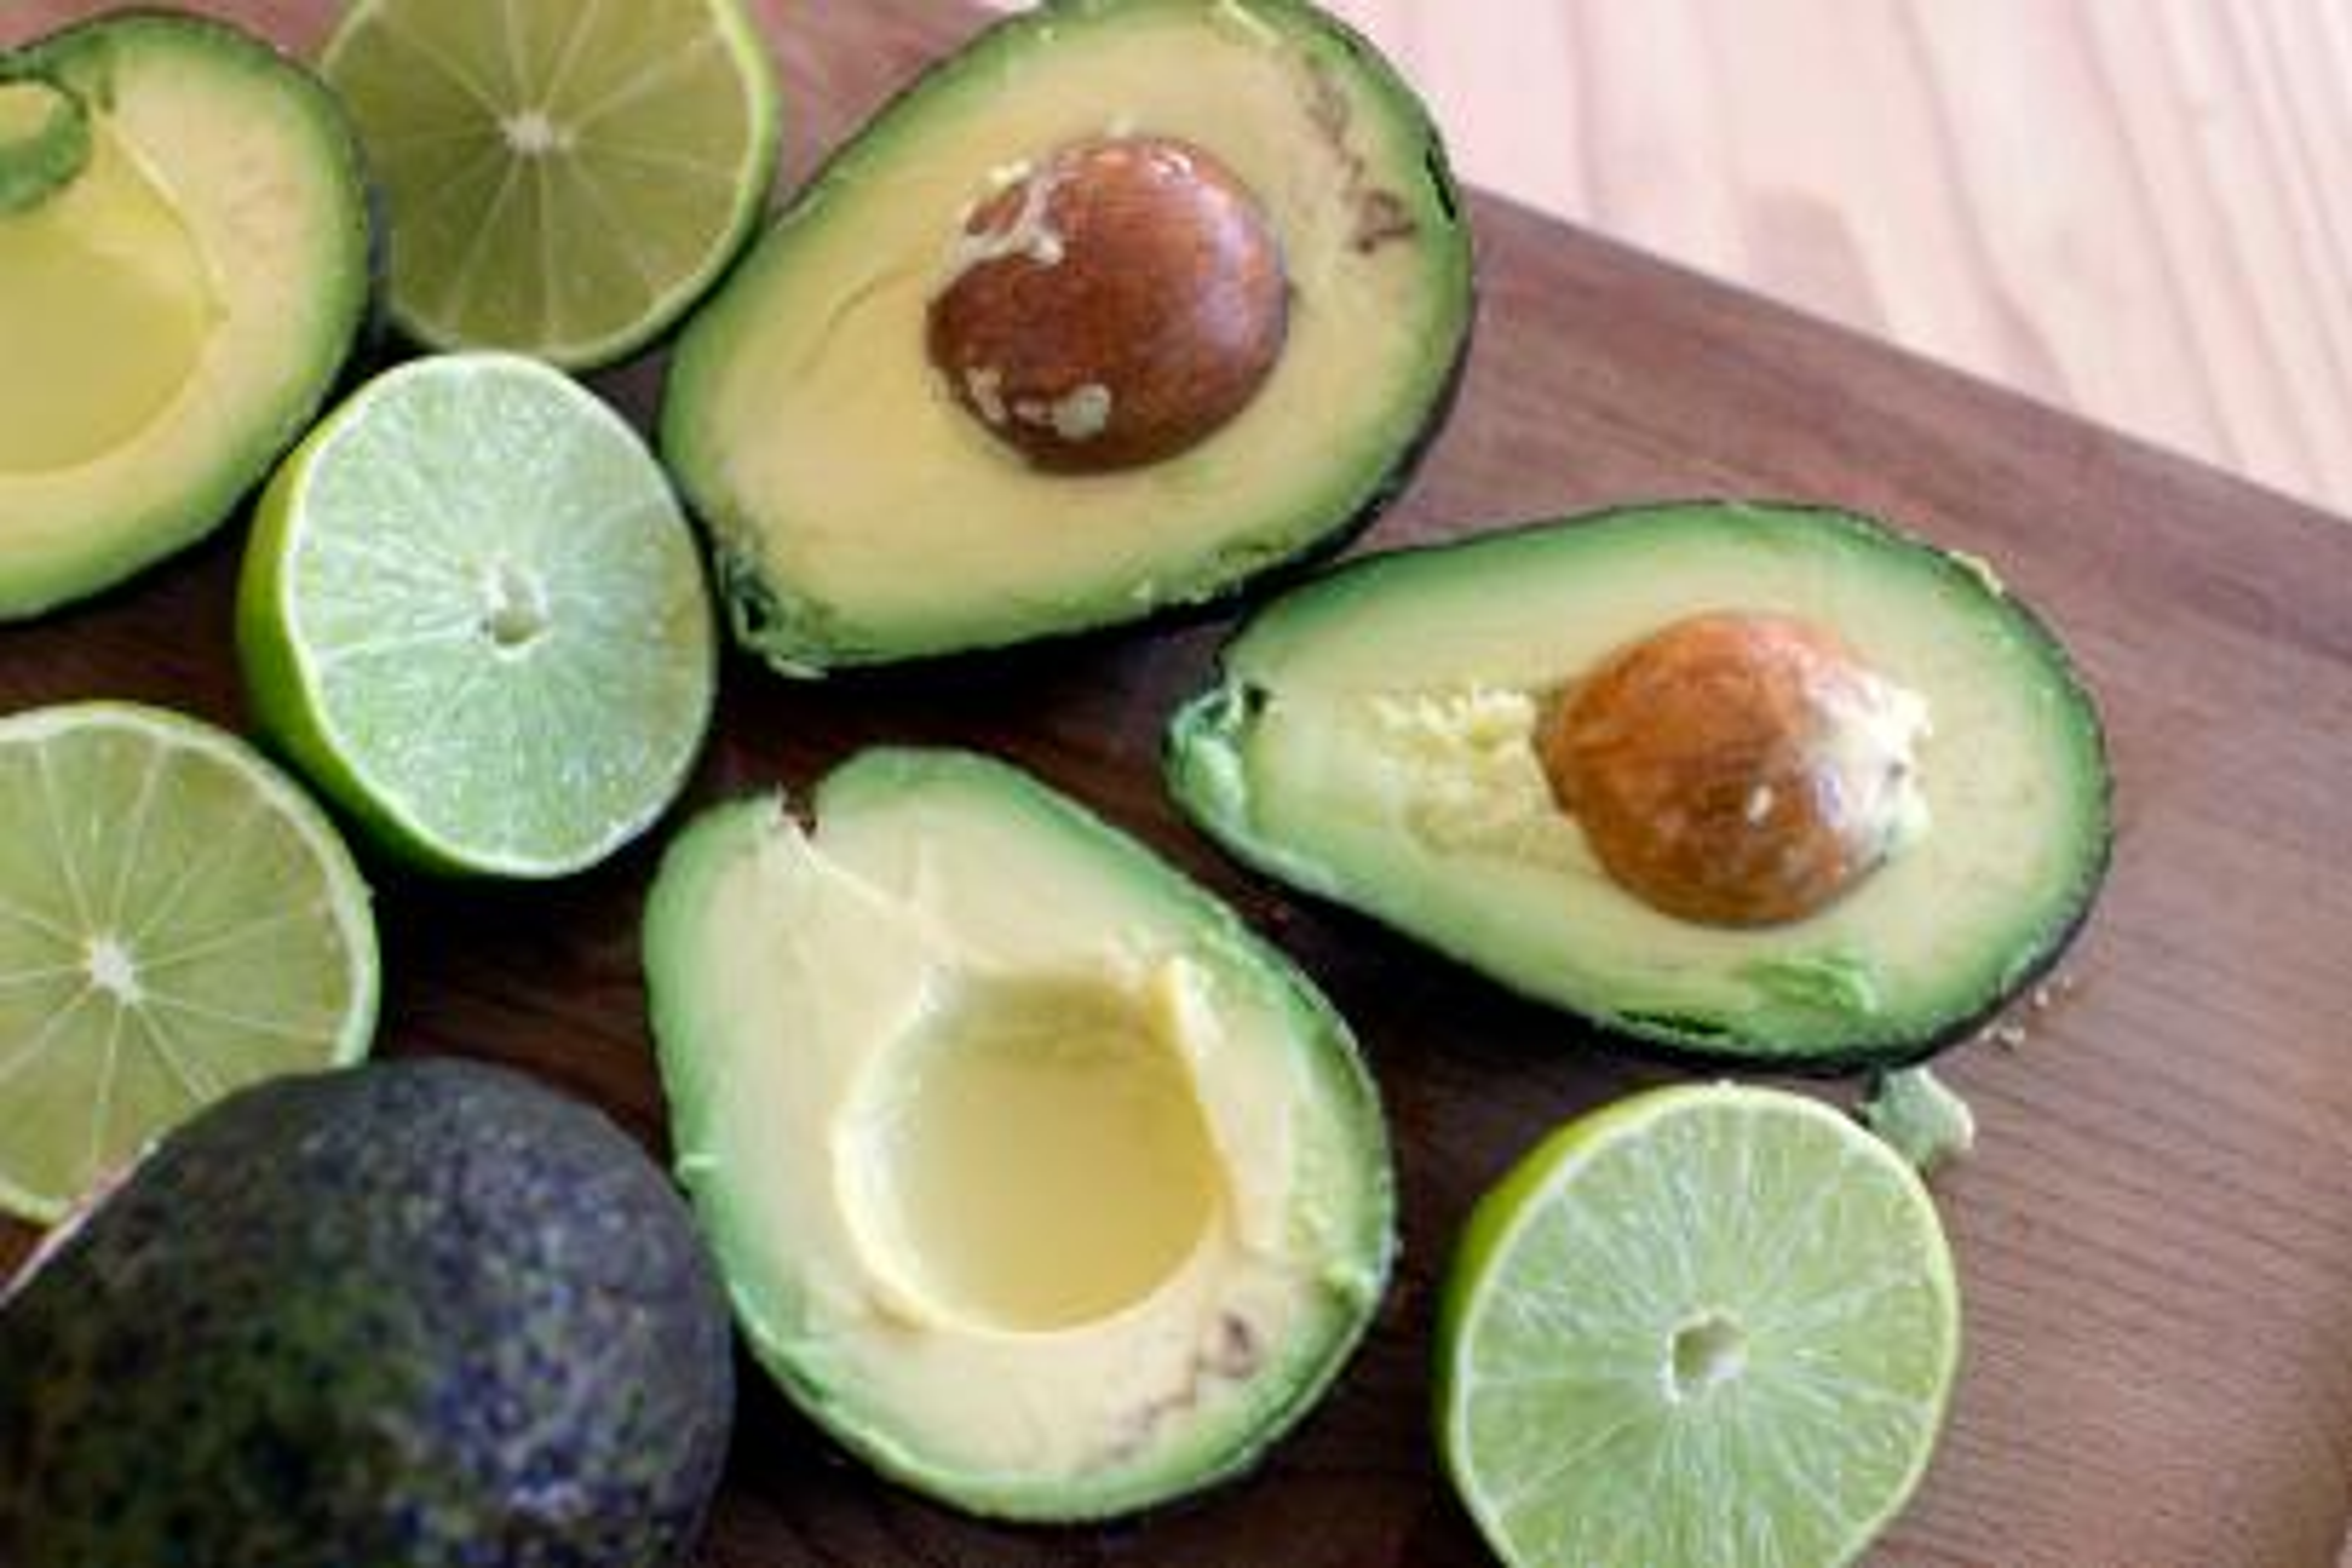 avocados for guac